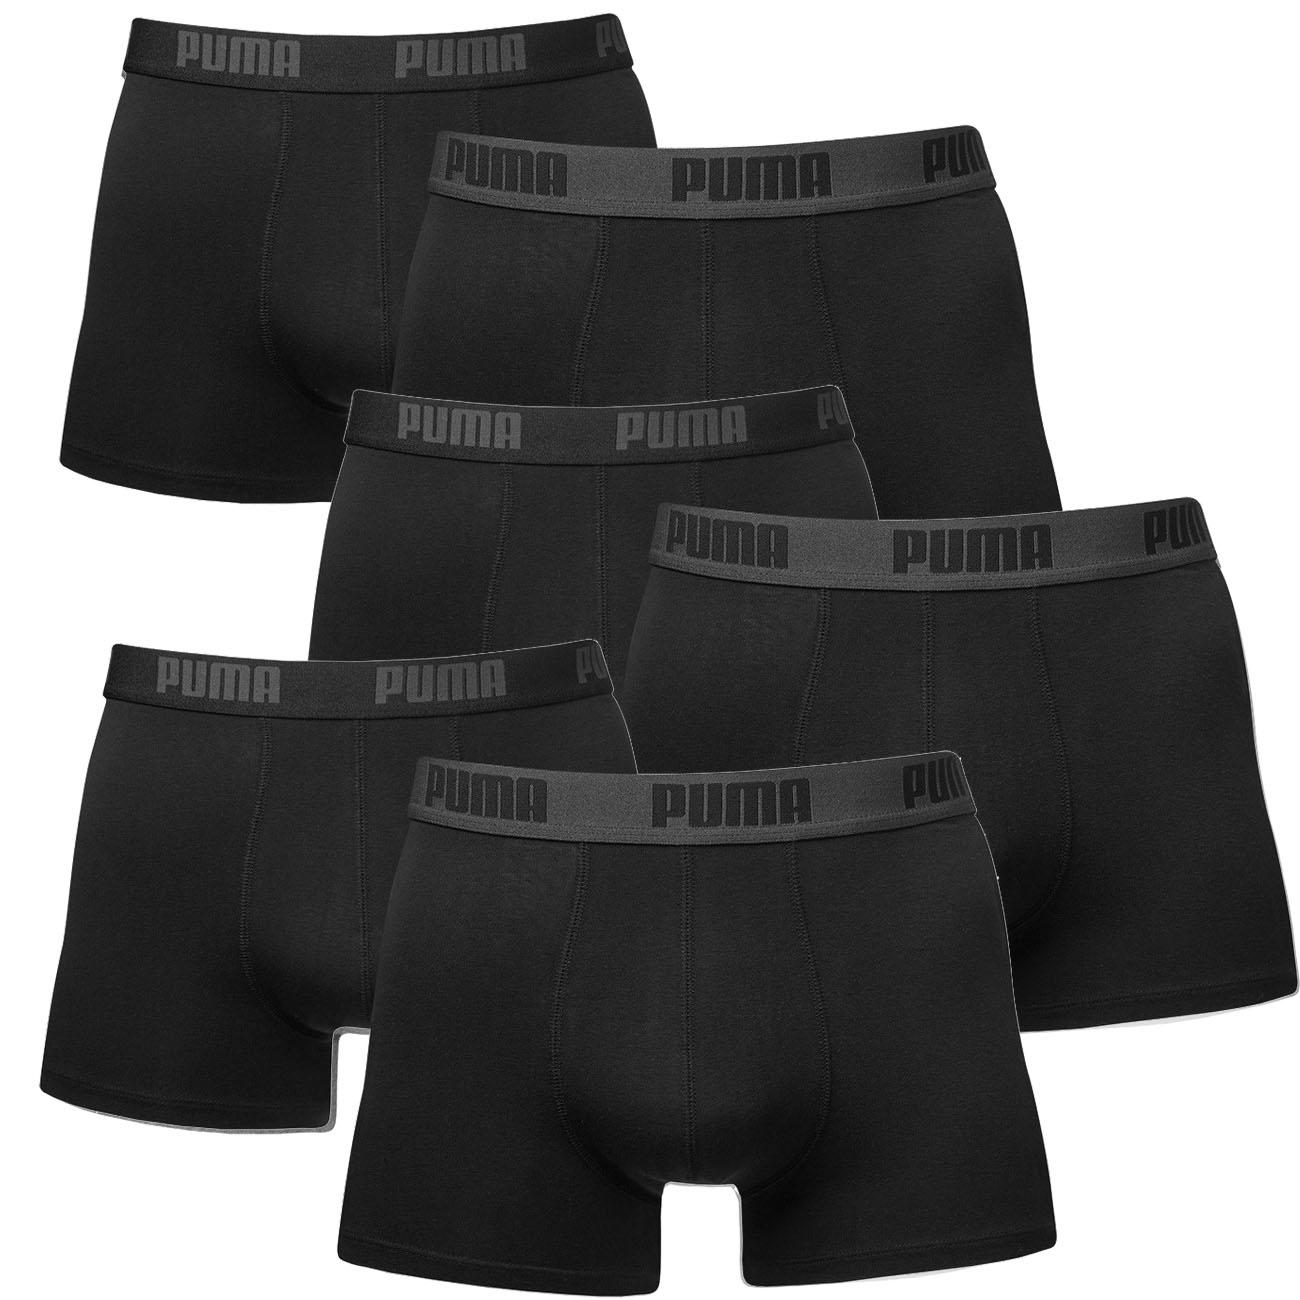 PUMA BASIC BOXERSHORTS Boxer Unterhosen Herren 2er 4er 6er